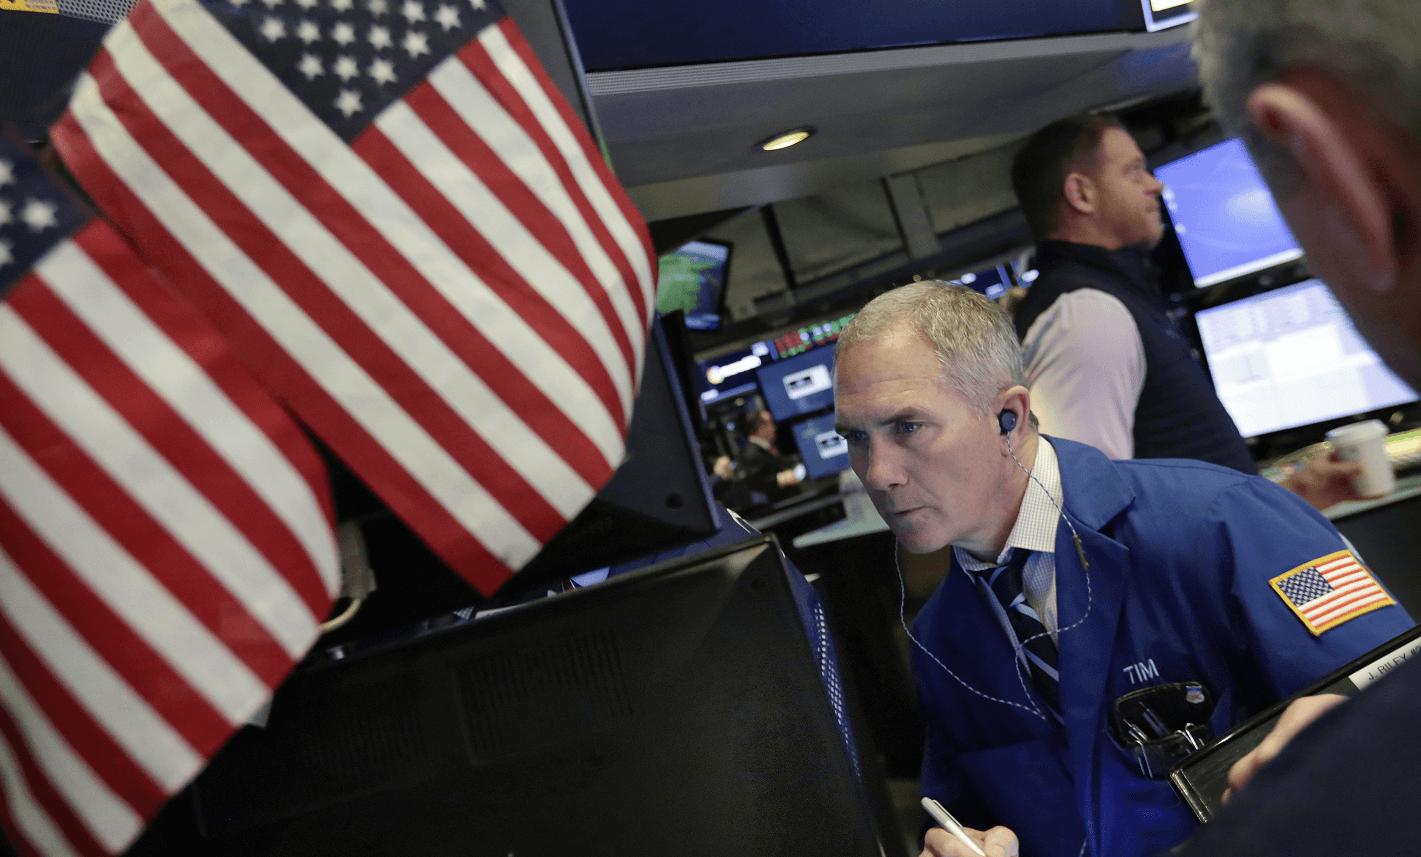 Cae mercado accionario de EU tras amenaza comercial de Trump